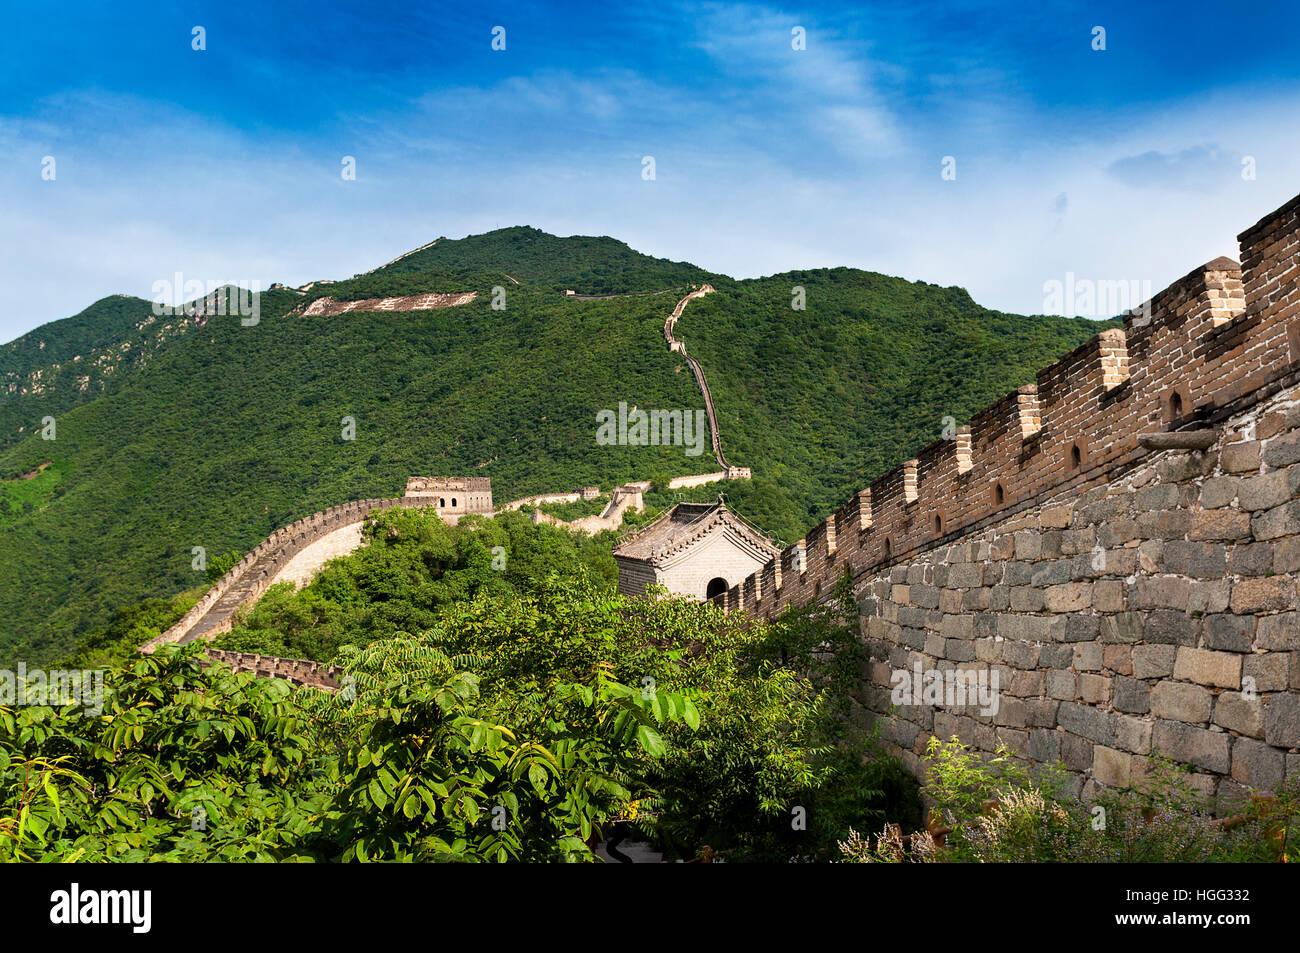 Vista della Cina la Grande Muraglia a Mutianyu, Cina; Concetto per i viaggi in Cina Immagini Stock